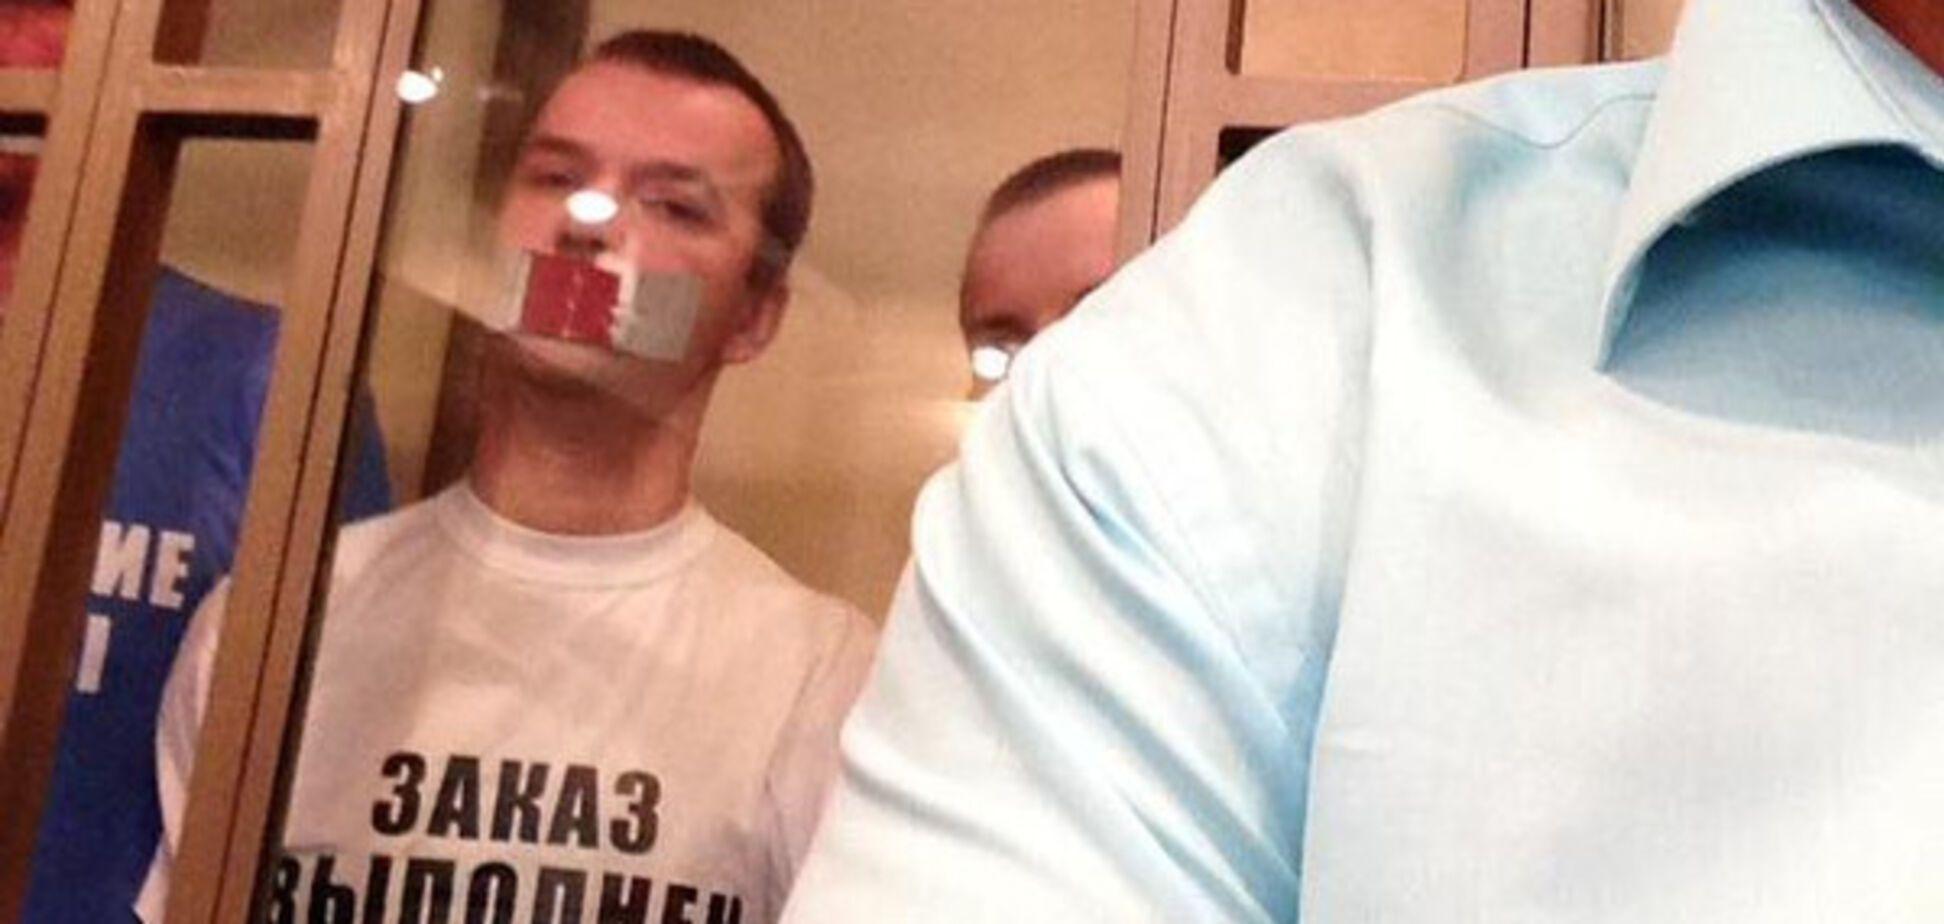 Звинуватили в тероризмі: у Путіна винесли суворий вирок кримському татарину